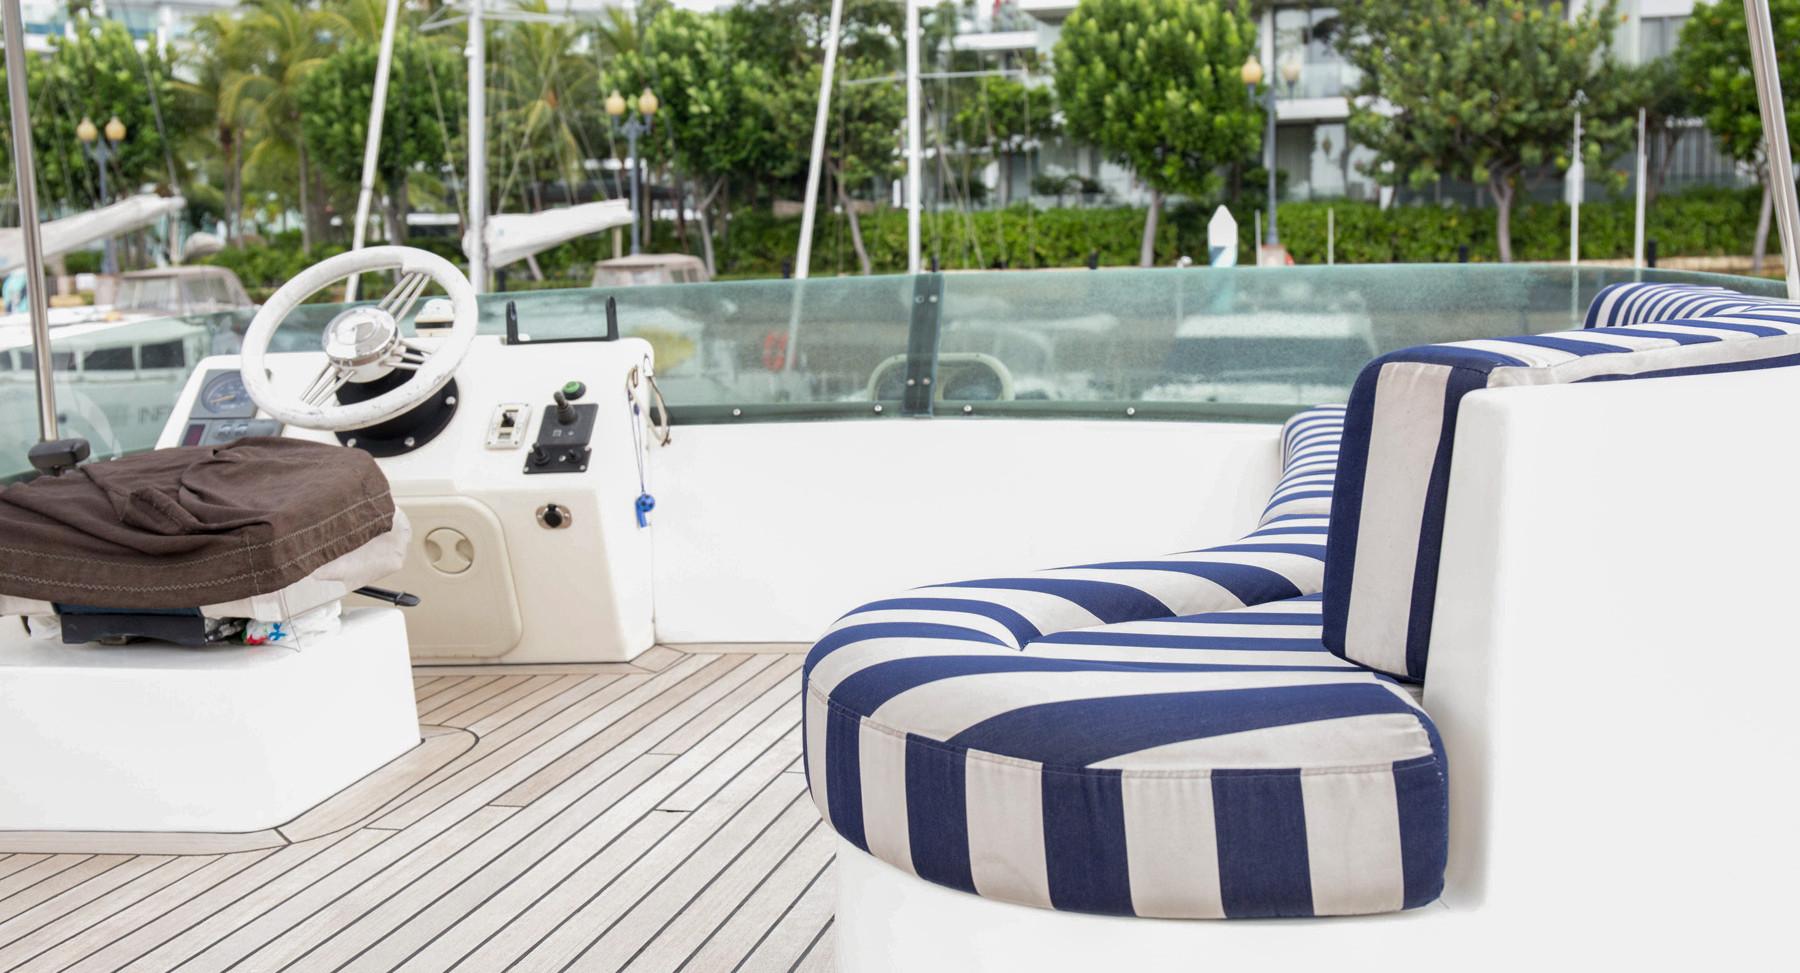 Monako-yacht-interior-3.jpg